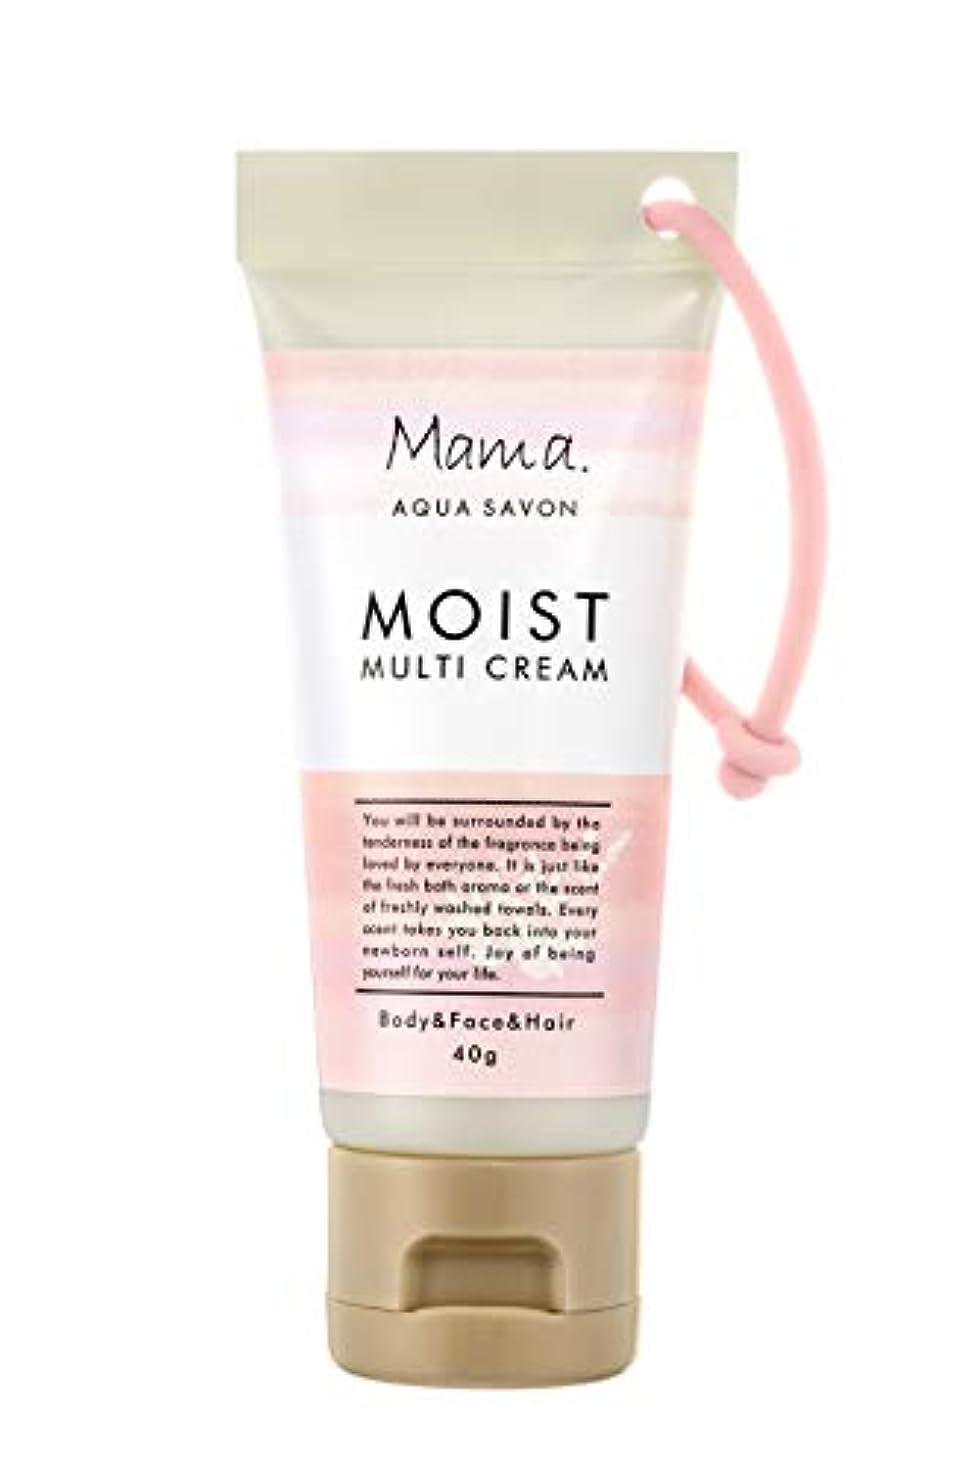 唇テープ分散ママアクアシャボン モイストマルチクリーム フラワーアロマウォーターの香り 18A 40g